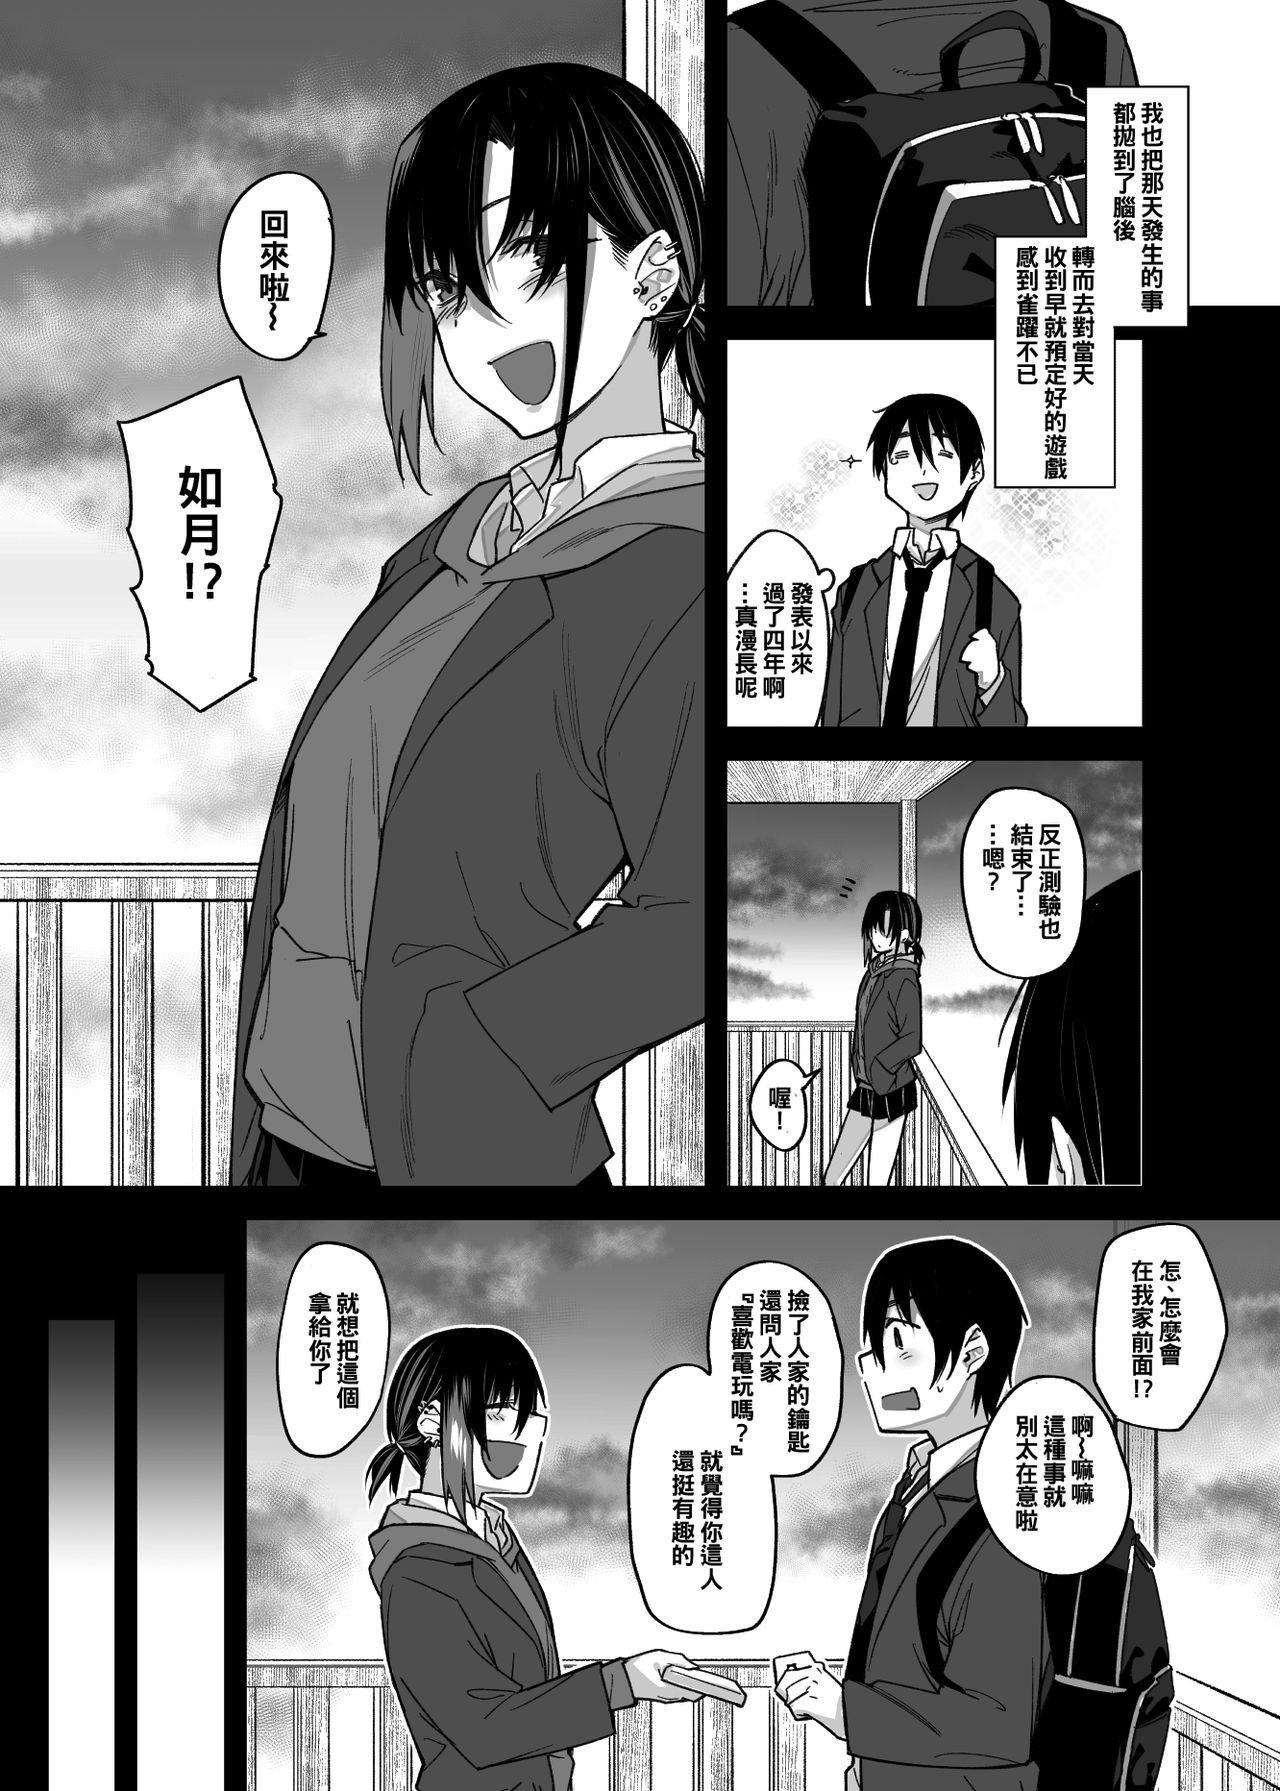 Boku no Ie ga Class no Furyou Musume ni Iribitararete iru Ken. 11